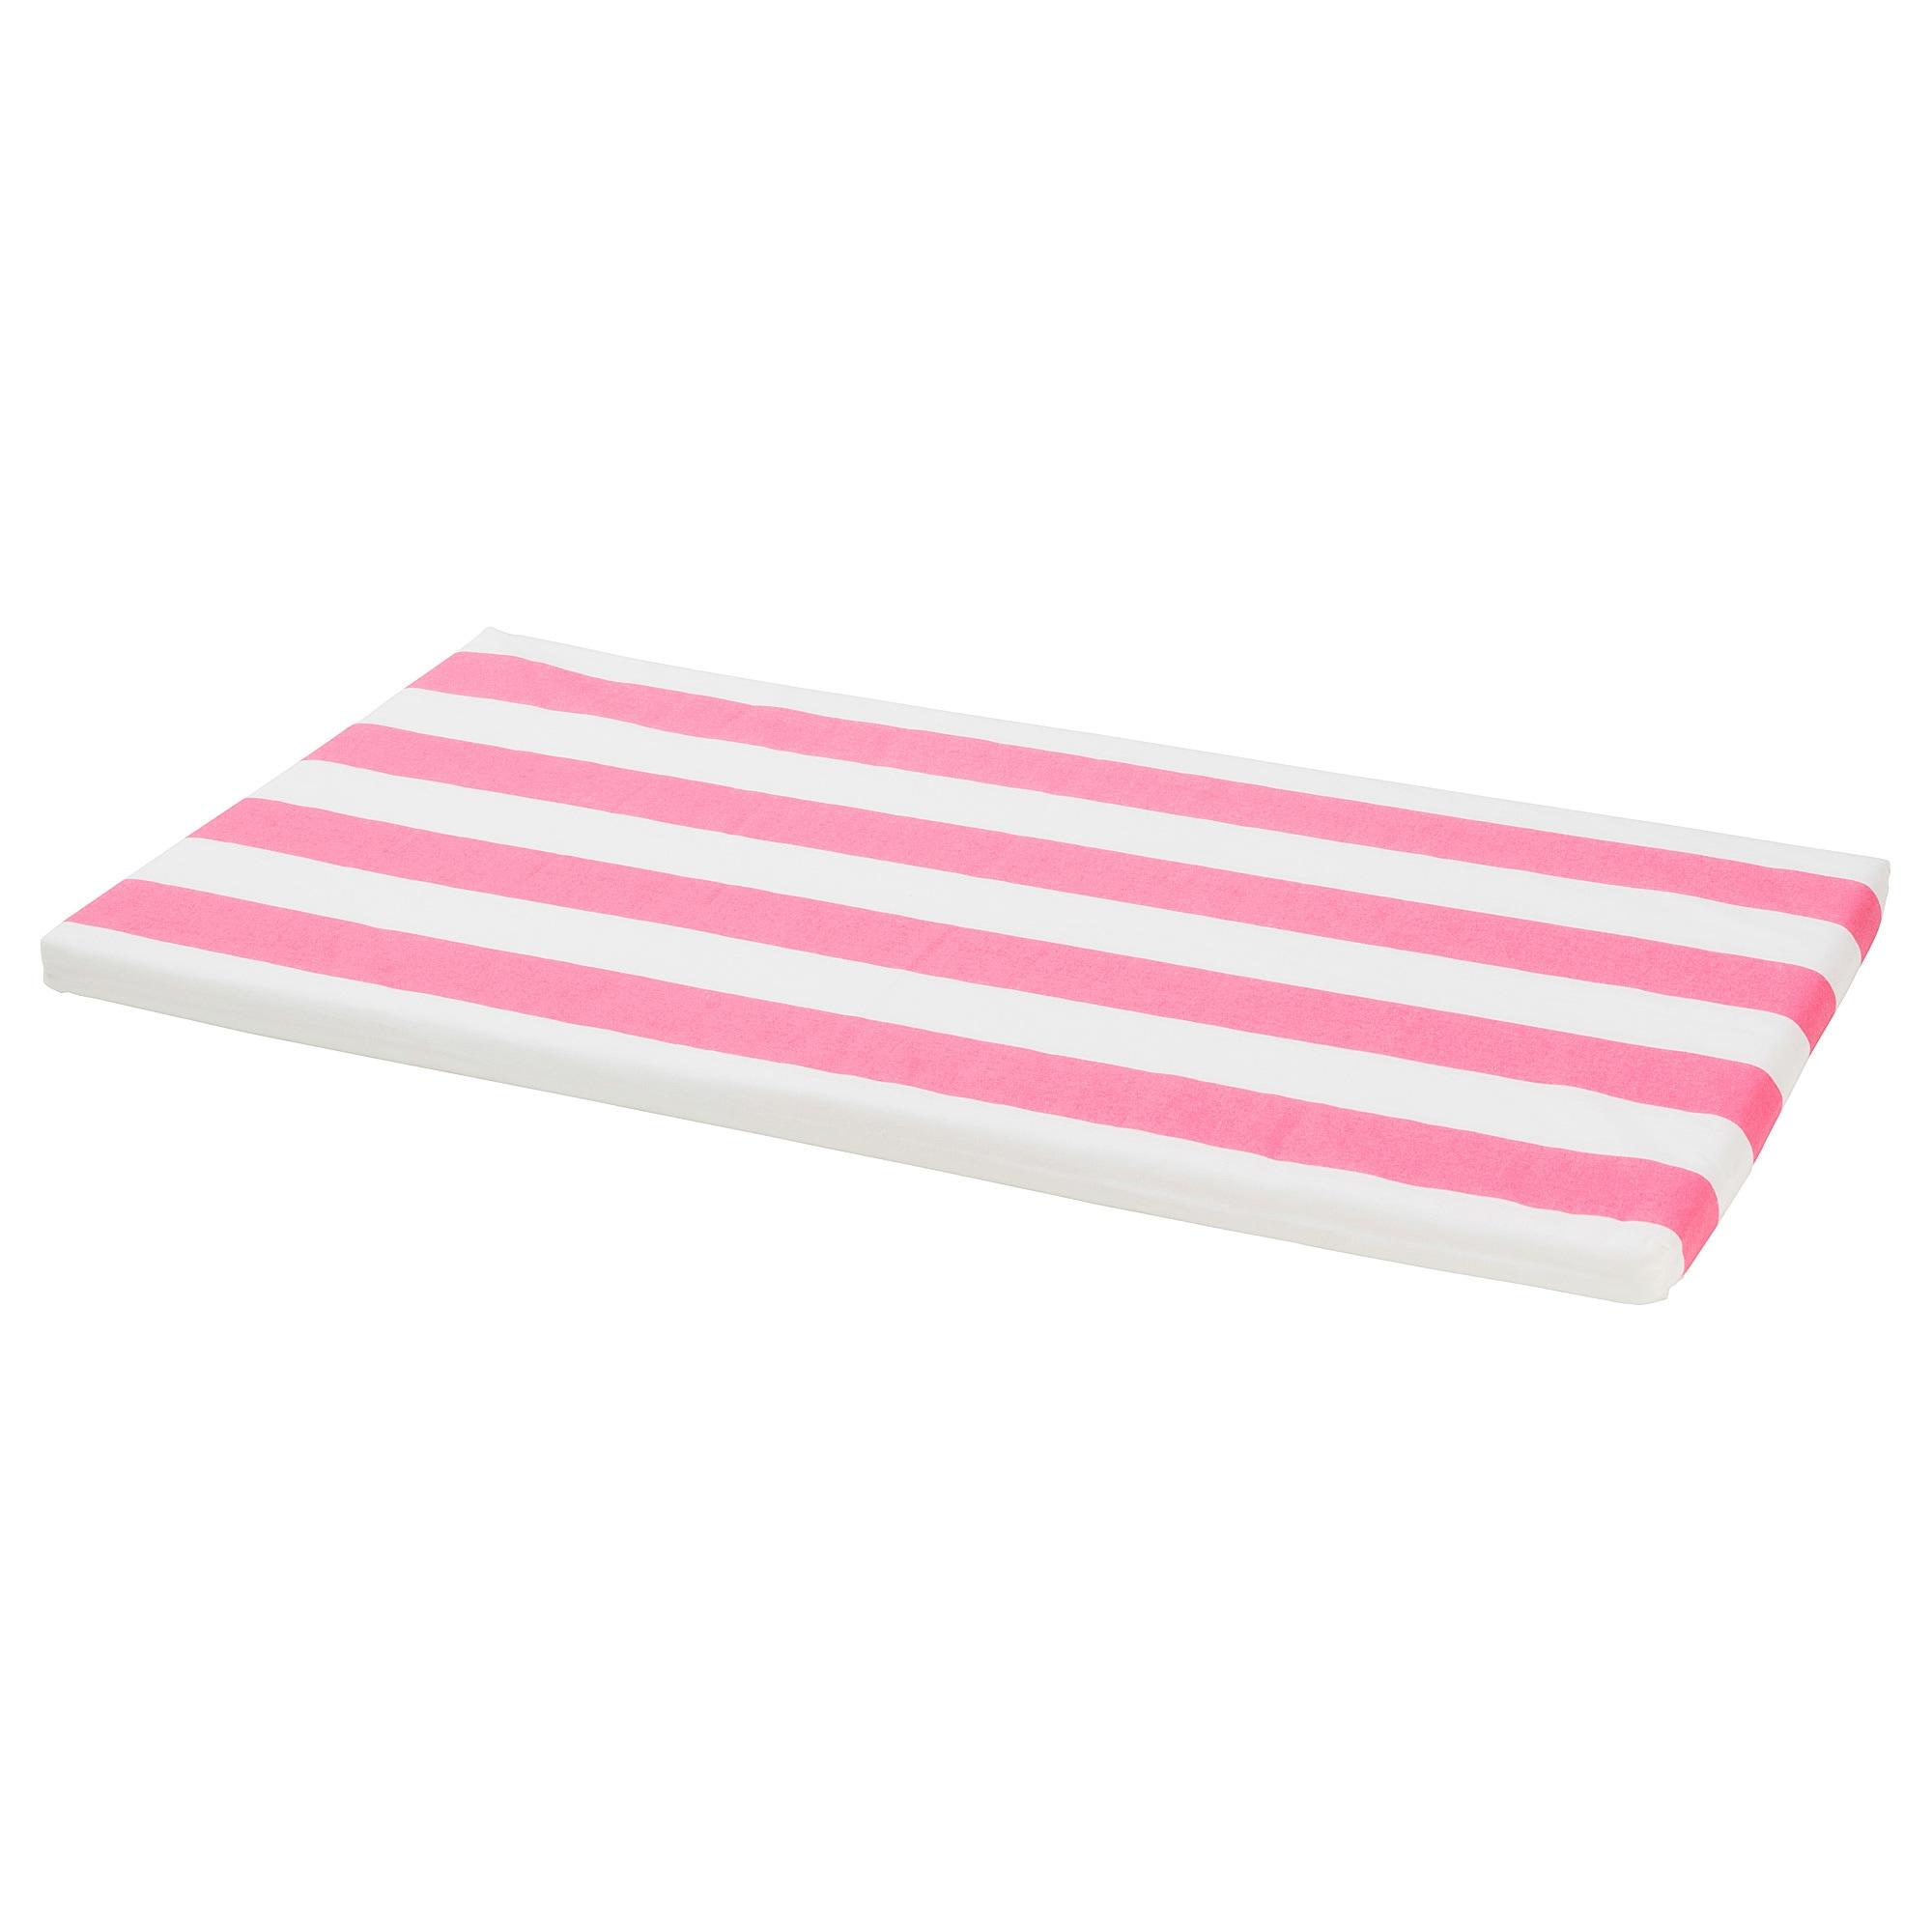 Подушка на скамью ХЕММАХОС розовый артикуль № 003.662.16 в наличии. Online магазин ИКЕА РБ. Недорогая доставка и монтаж.